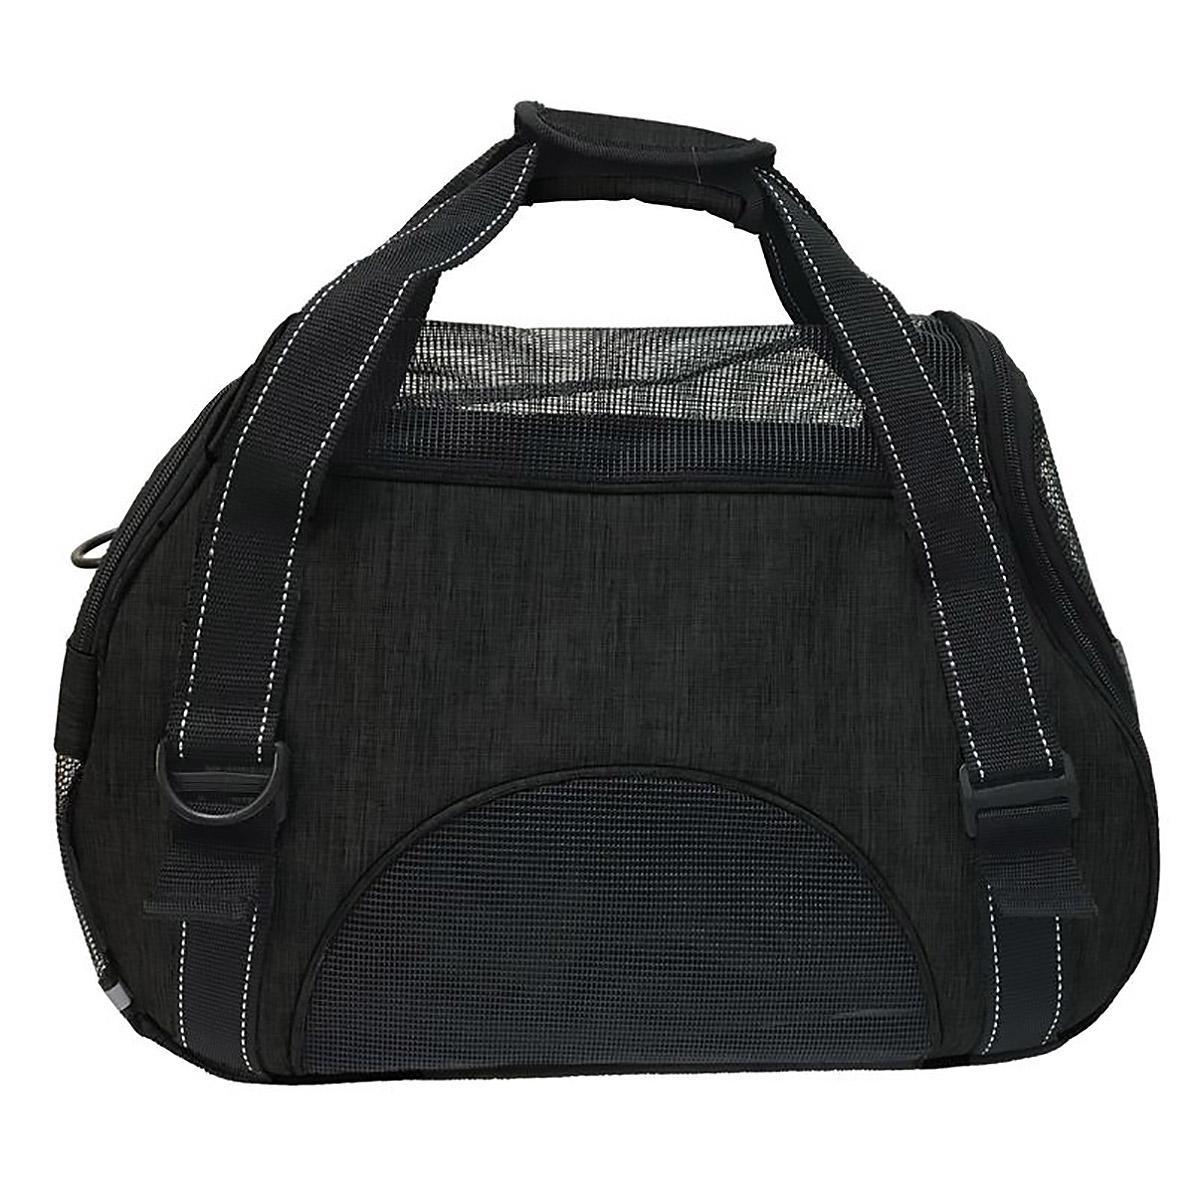 Pet Carrier Bag by Dogline - Black